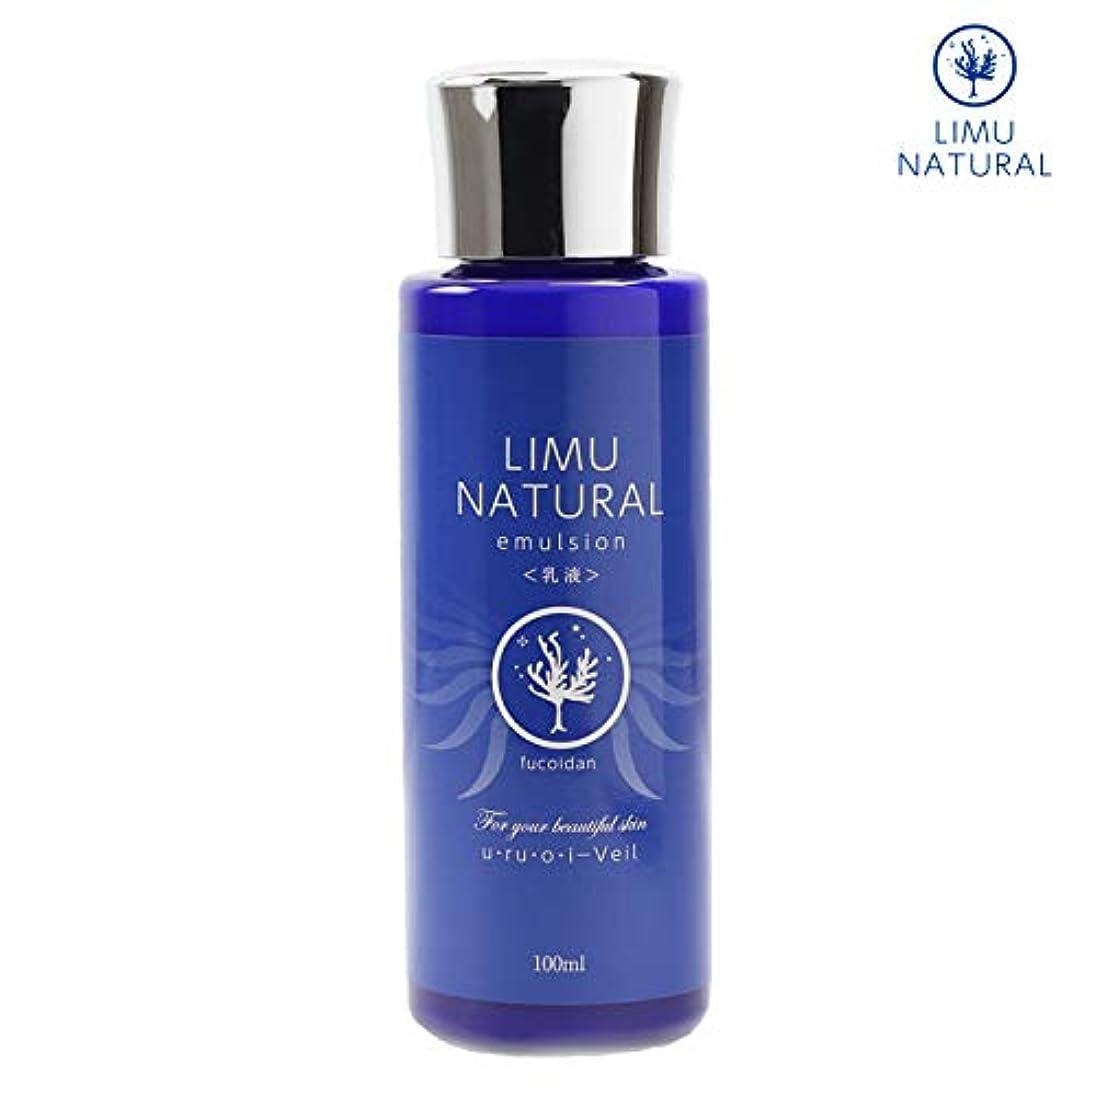 すなわちキャンベラストリップリムナチュラル 乳液 LIMU NATURAL EMULSION (100ml) 海の恵「フコイダン」と大地の恵「グリセリルグルコシド」を贅沢に配合